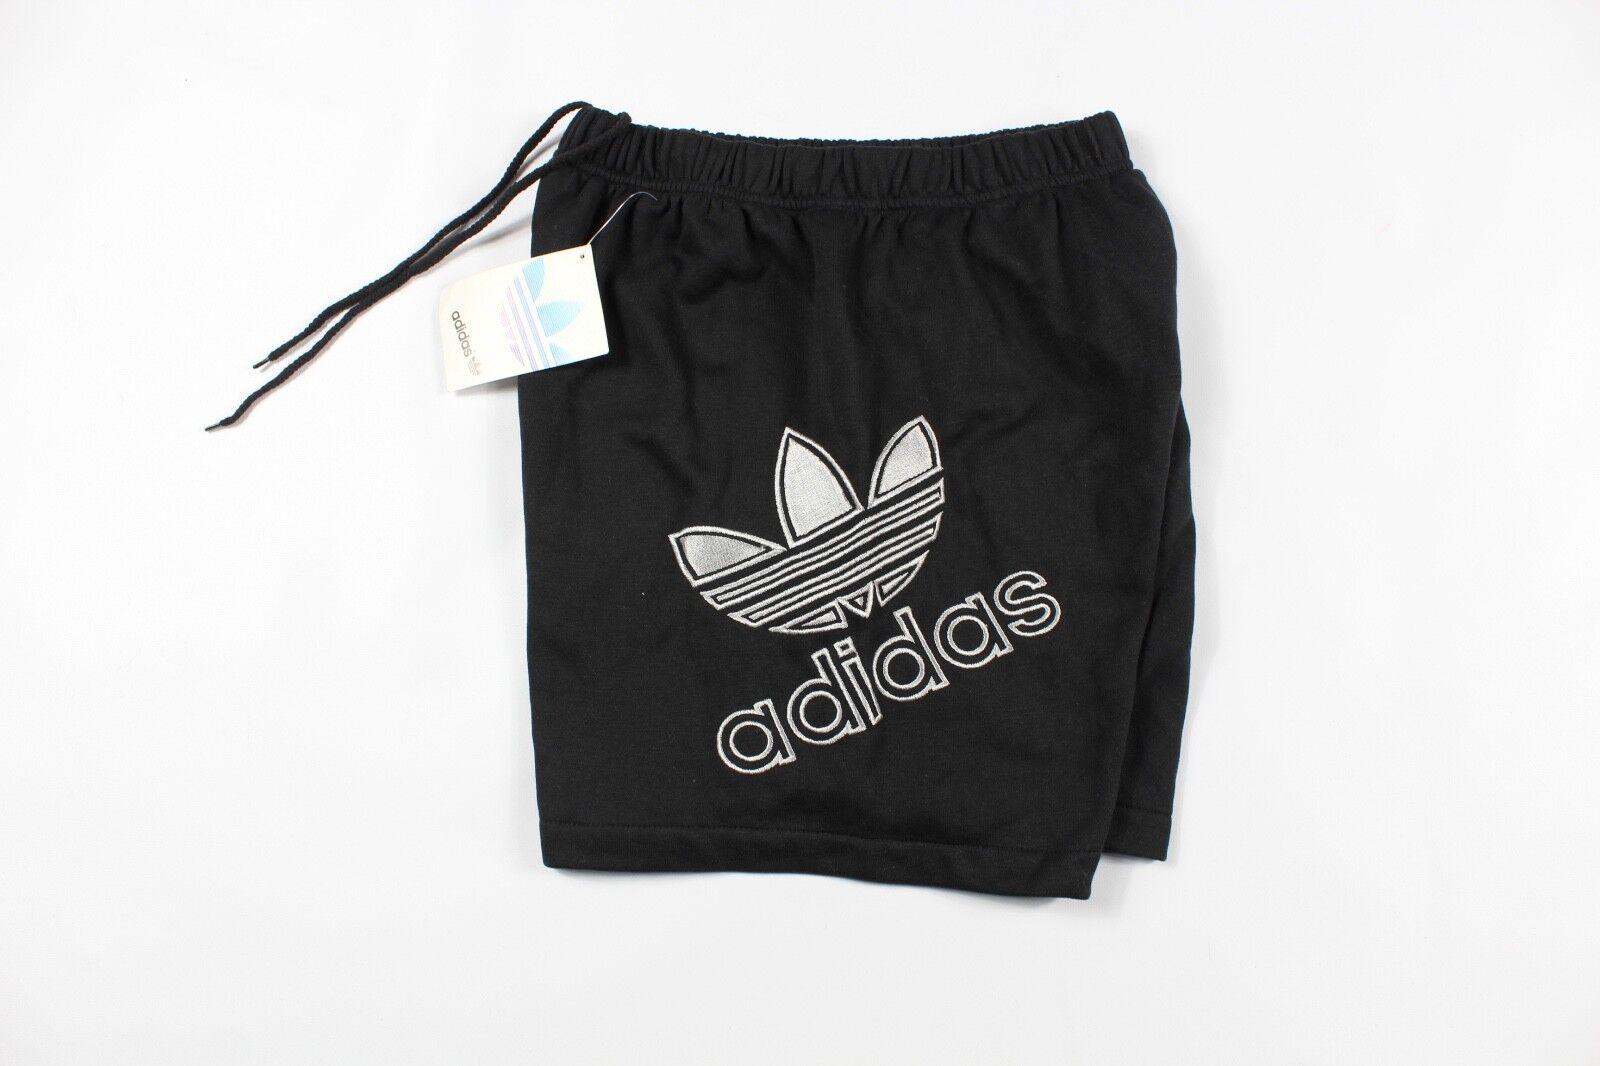 Vintage 80-as évek Adidas Férfi Közepes Trefoil Nagy Logo Spell Out Fleece rövidnadrág fekete